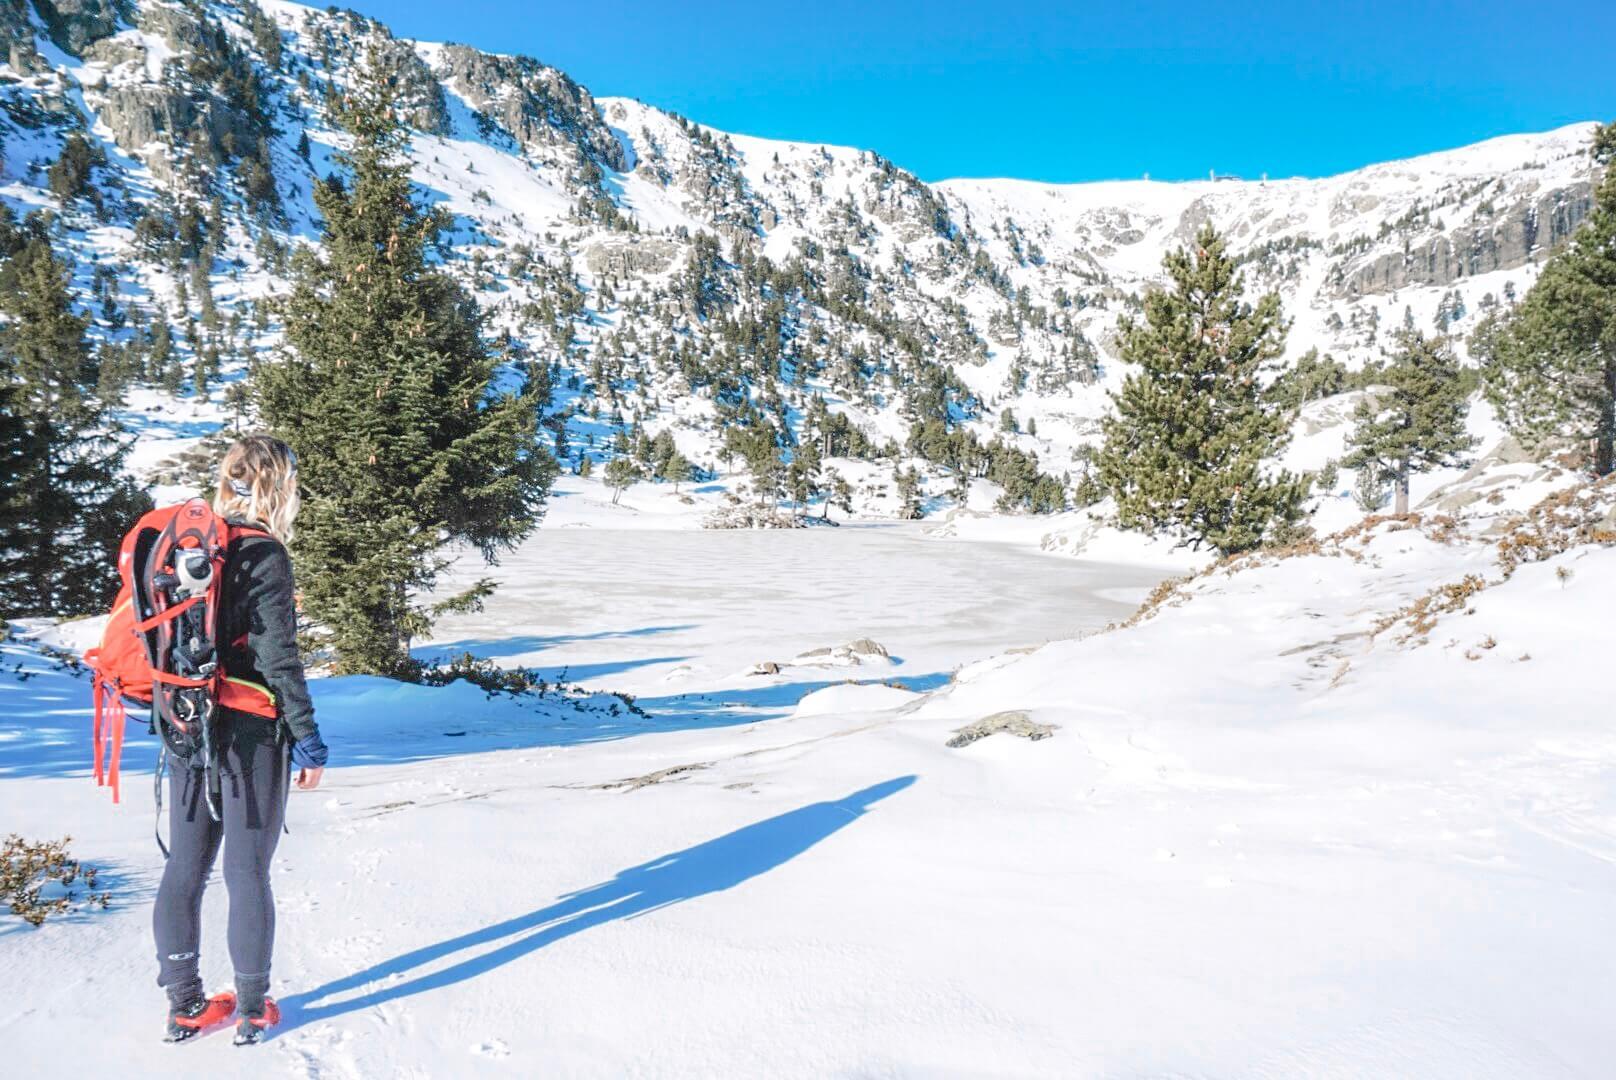 randonnée raquette hiver chamrousse lac Robert